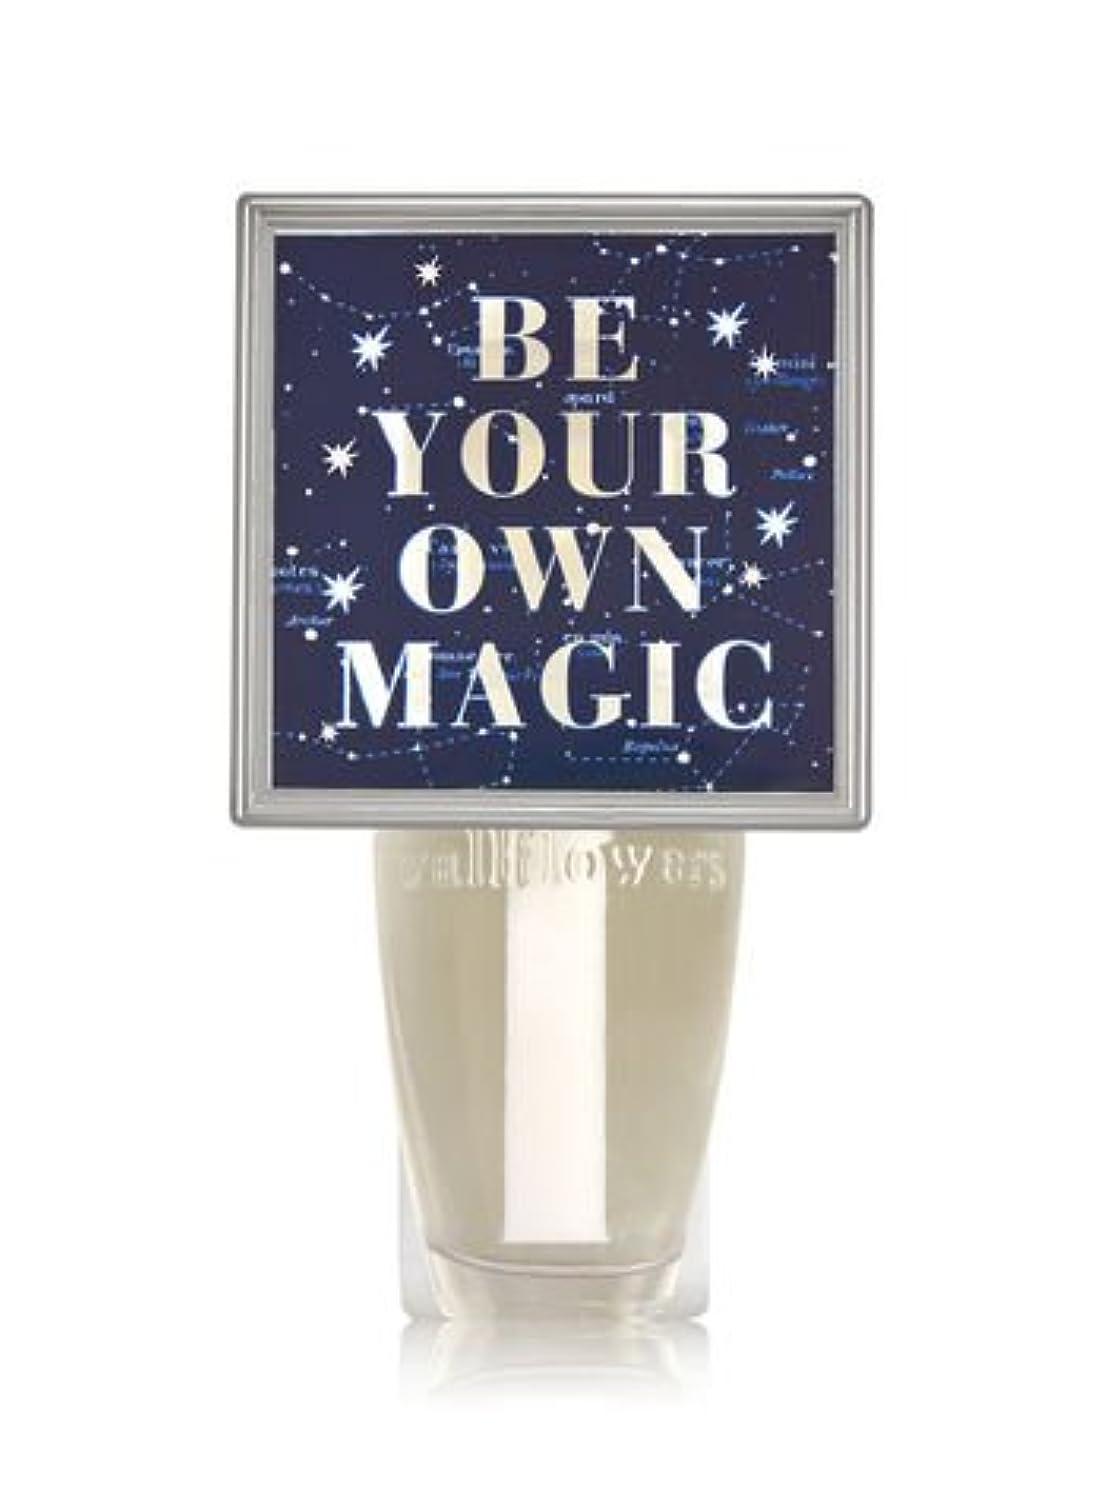 支配的反論者スラム街【Bath&Body Works/バス&ボディワークス】 ルームフレグランス プラグインスターター (本体のみ) ナイトライト Wallflowers Fragrance Plug Be Your Own Magic [並行輸入品]